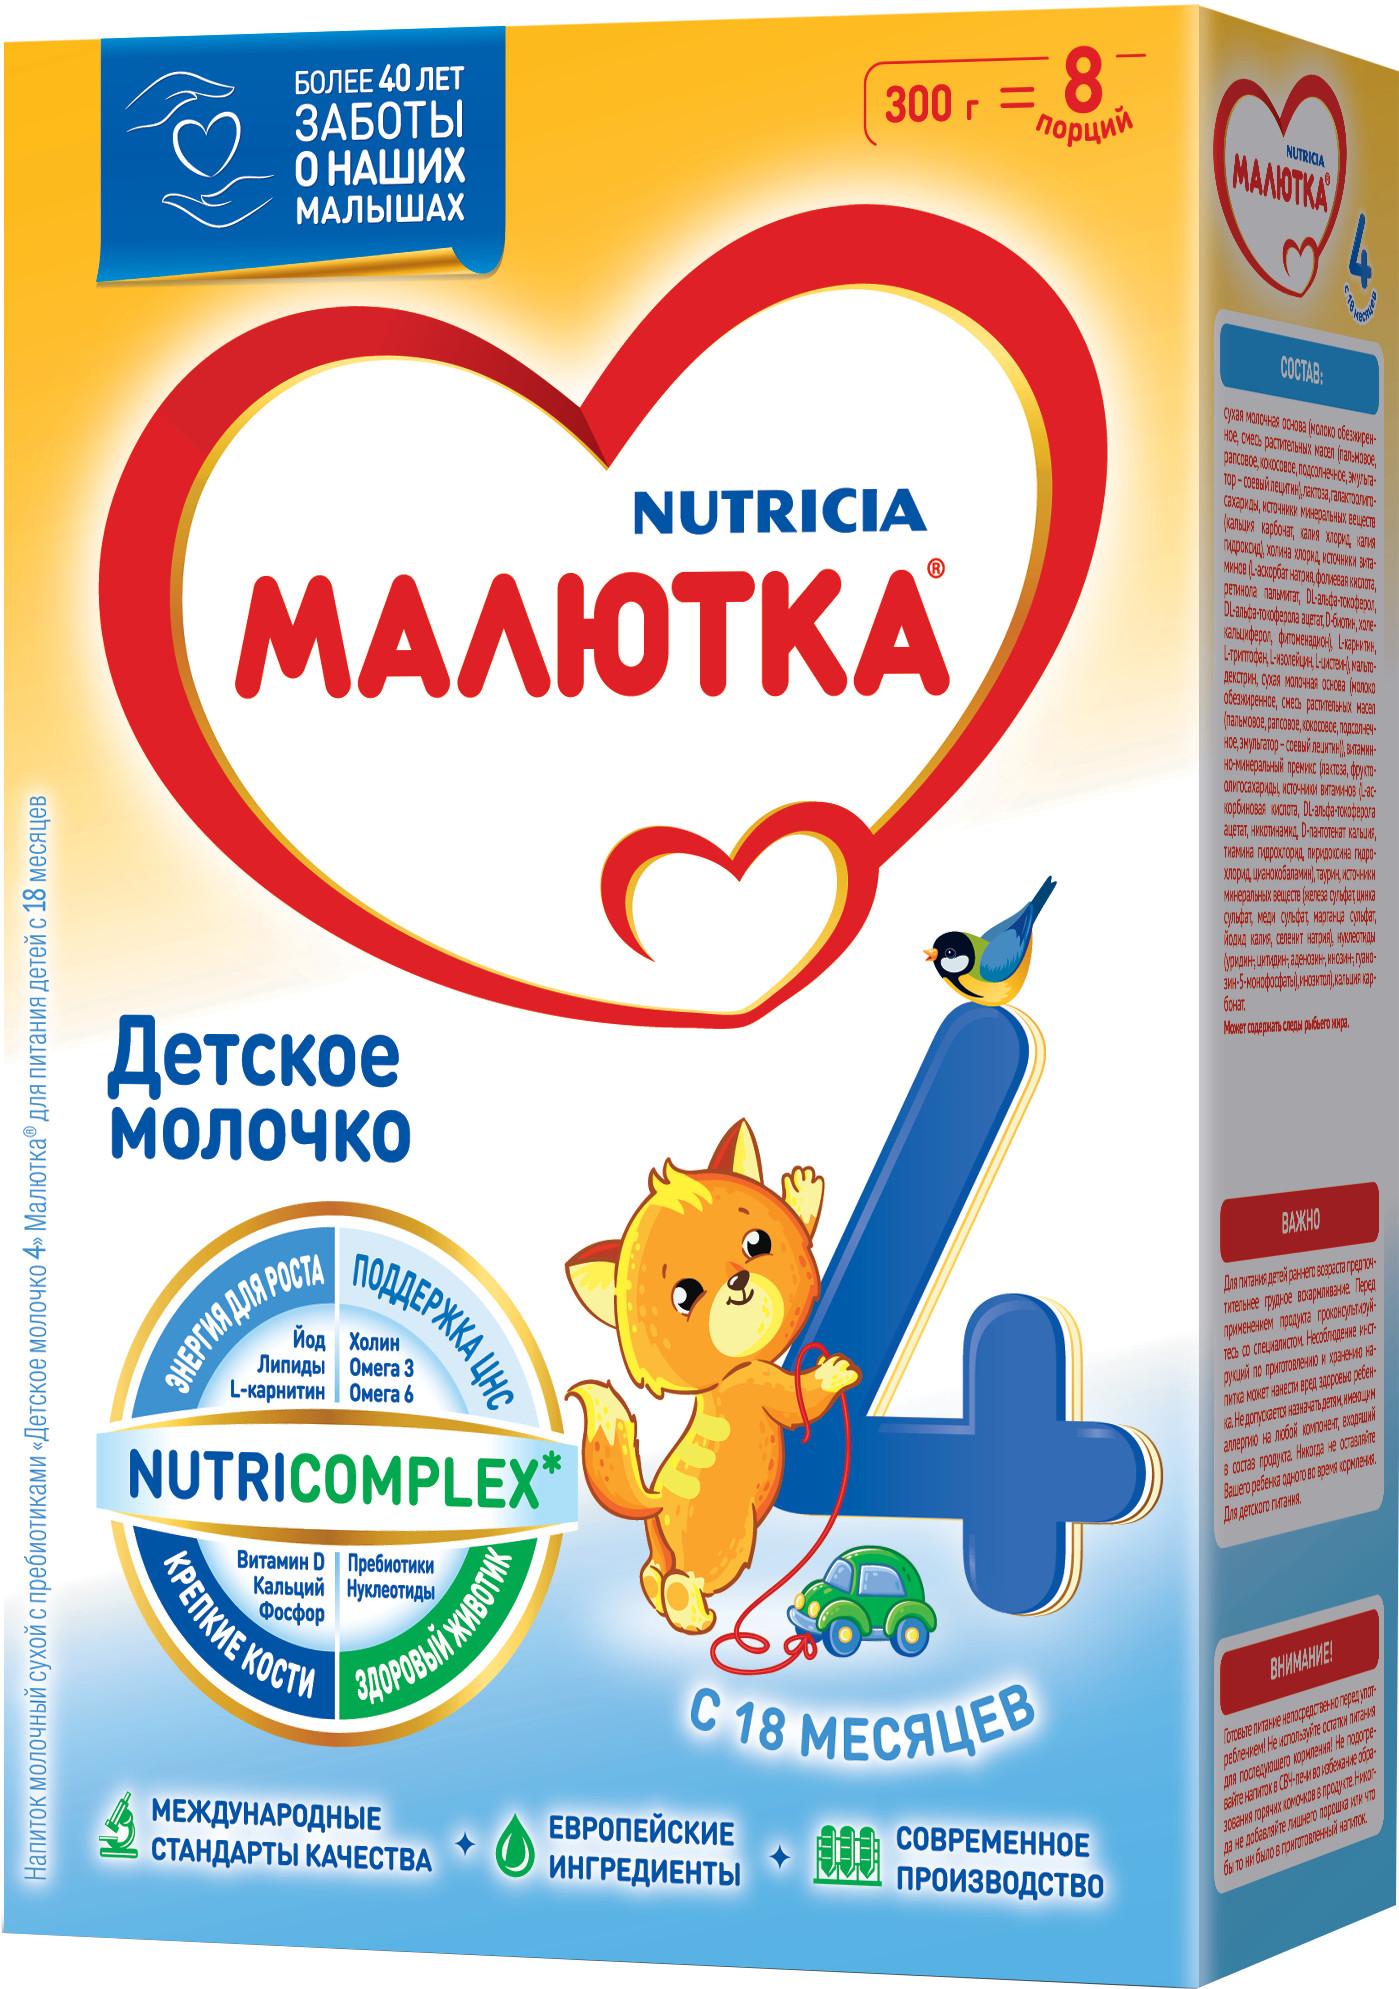 Сухие Малютка Детское молочко Малютка 4 с 18 мес. 300 г детское молочко малютка 4 700 г